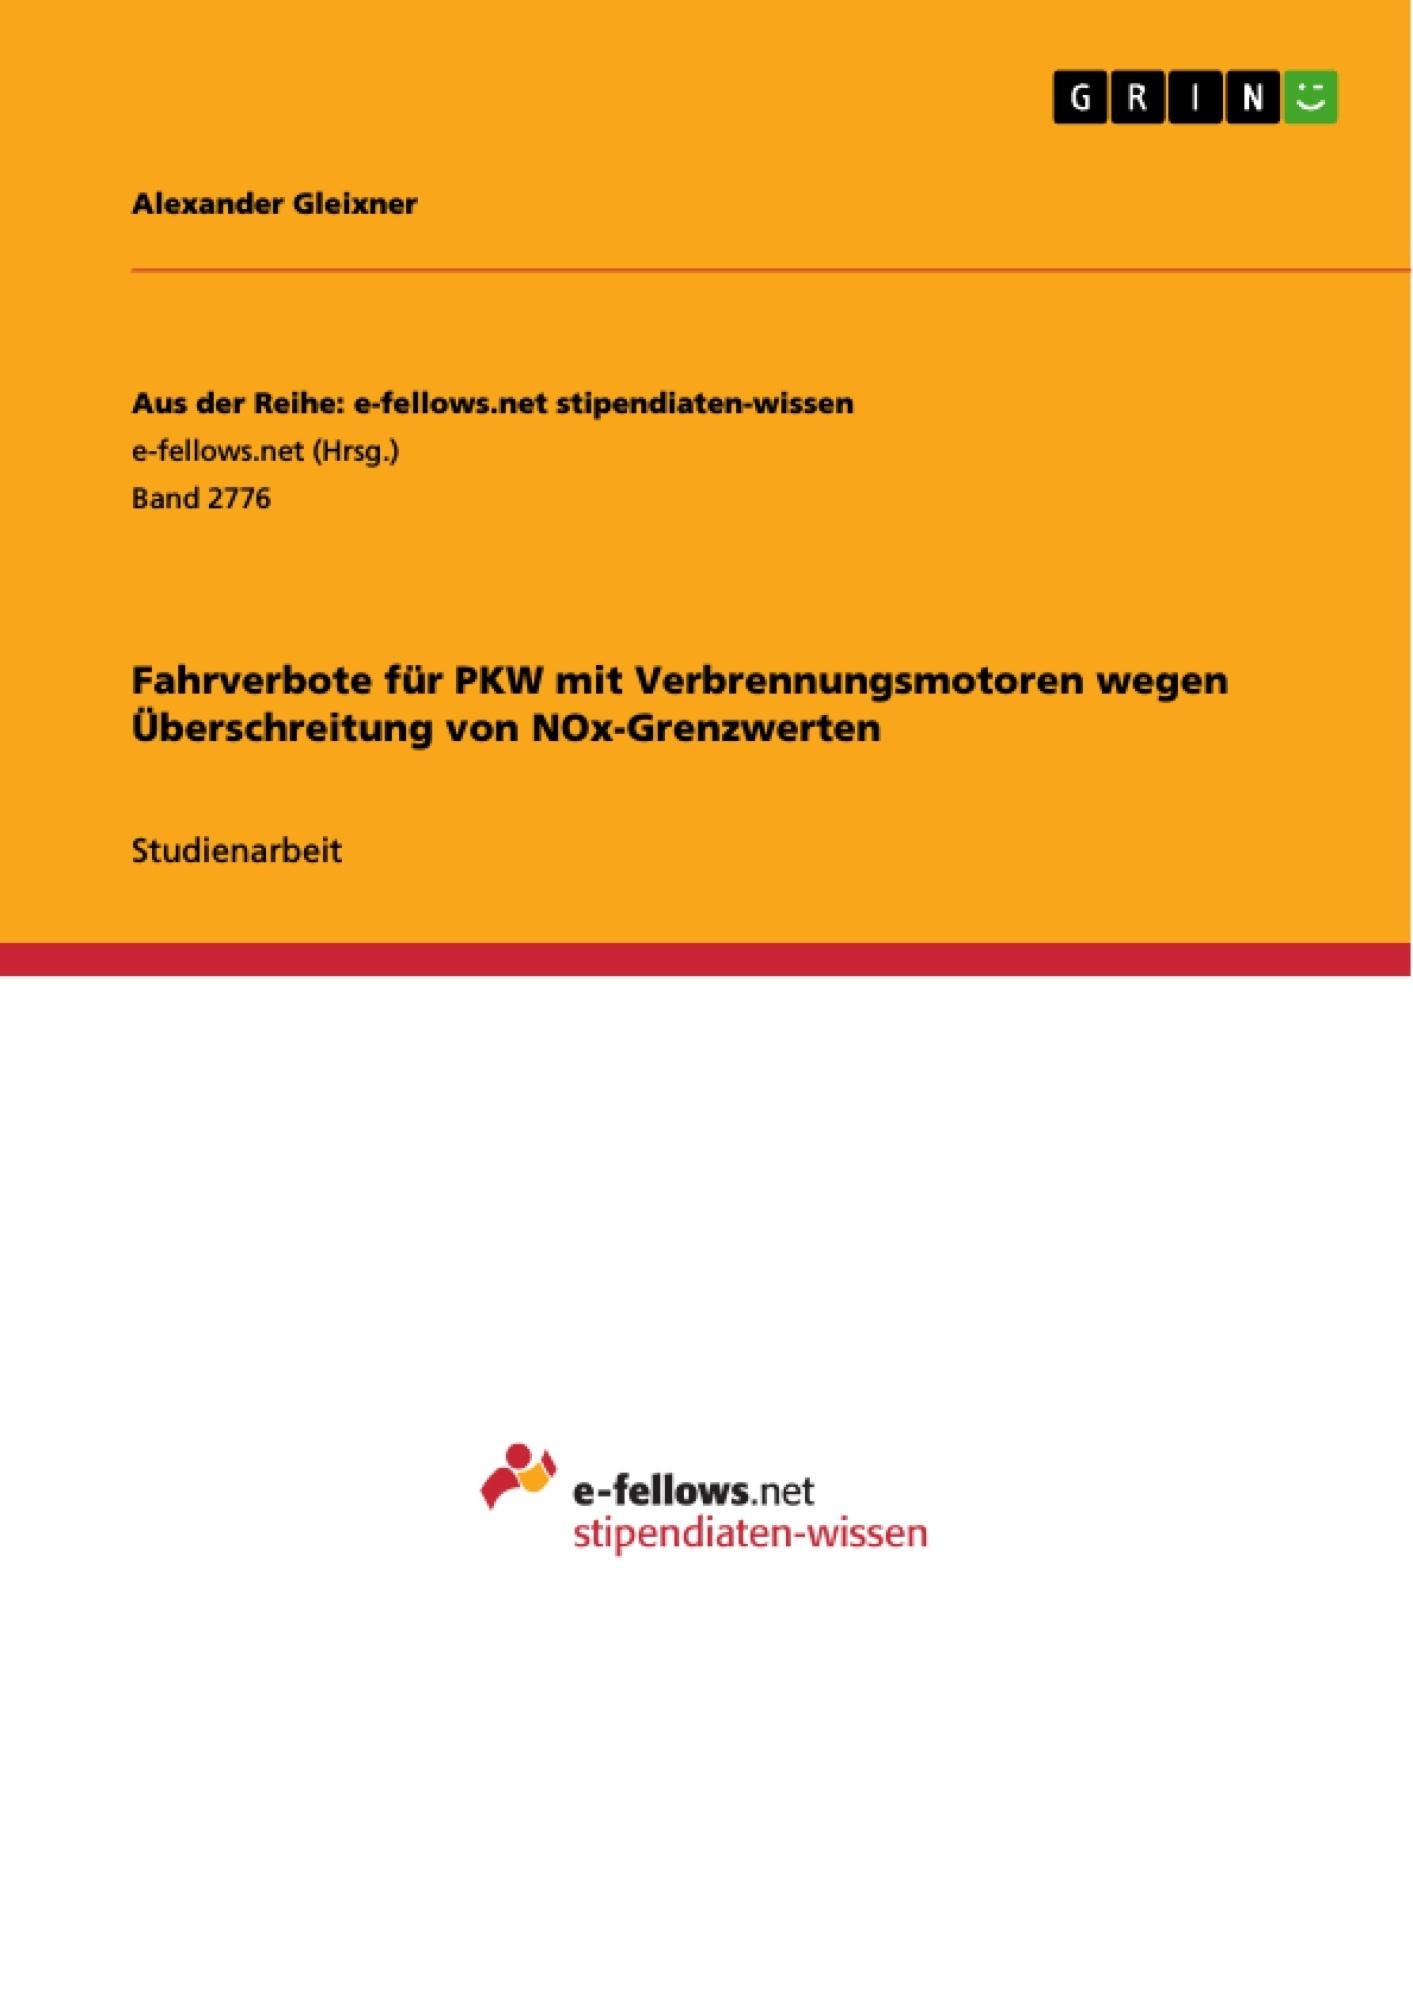 Titel: Fahrverbote für PKW mit Verbrennungsmotoren wegen Überschreitung von NOx-Grenzwerten